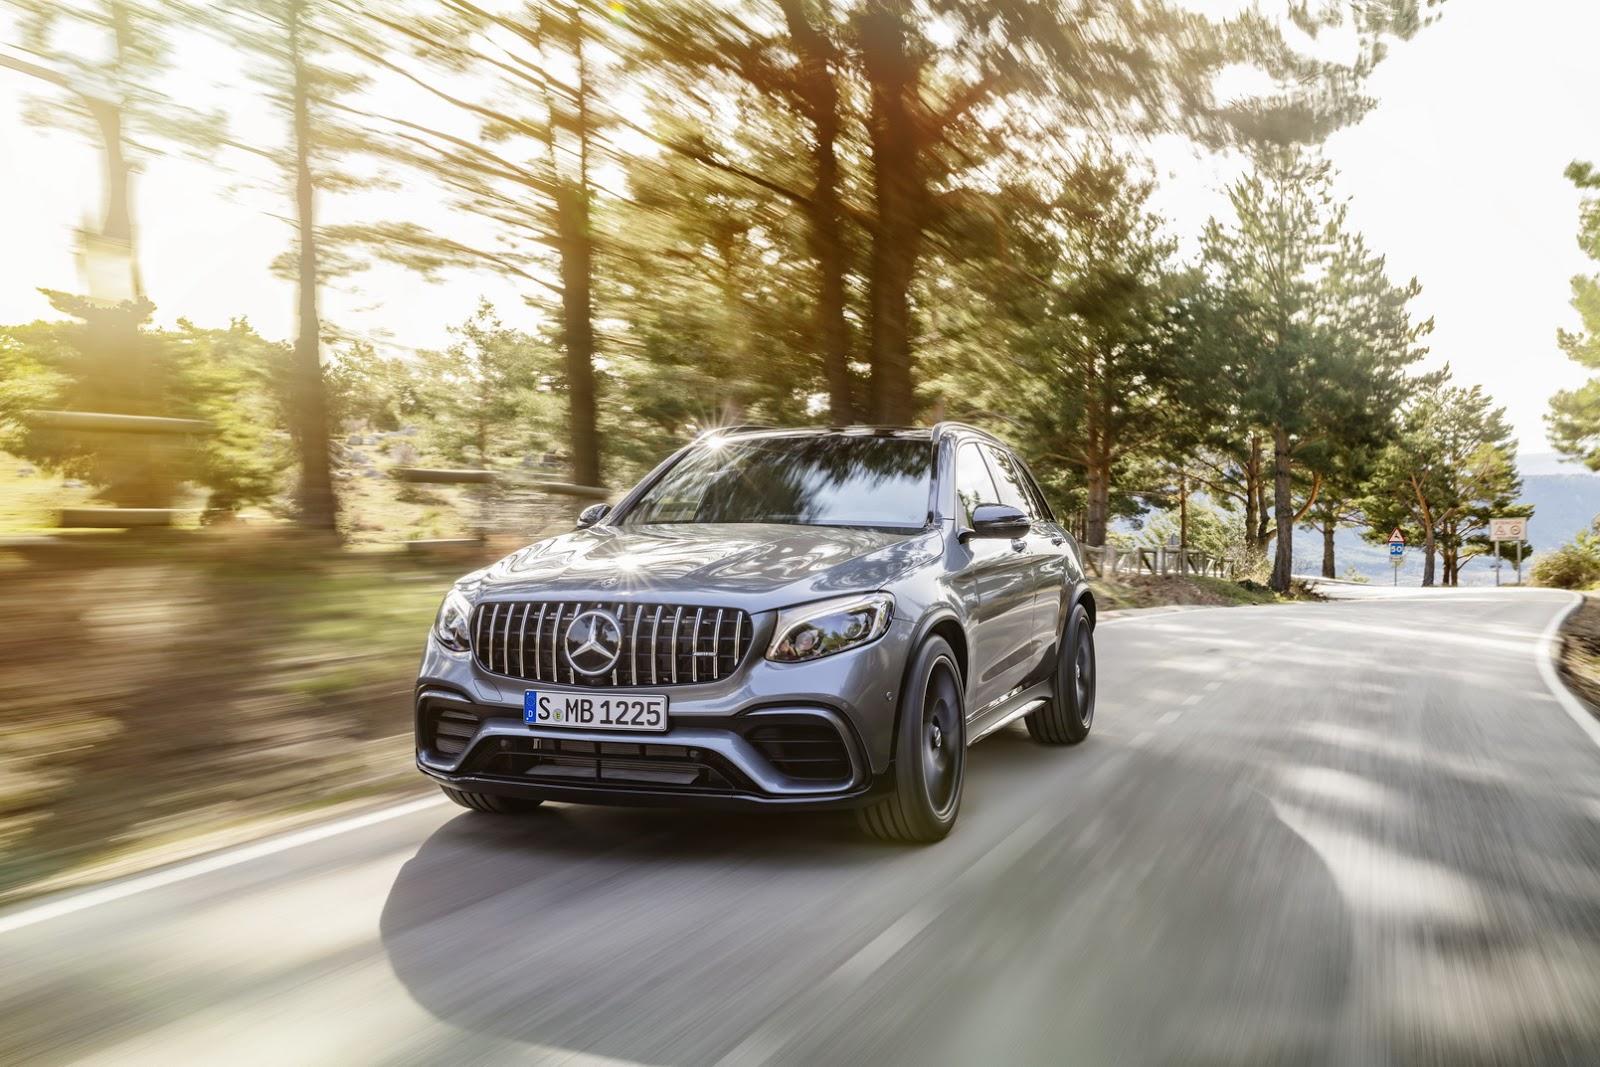 Mercedes-AMG GLC 63 2018 (9)